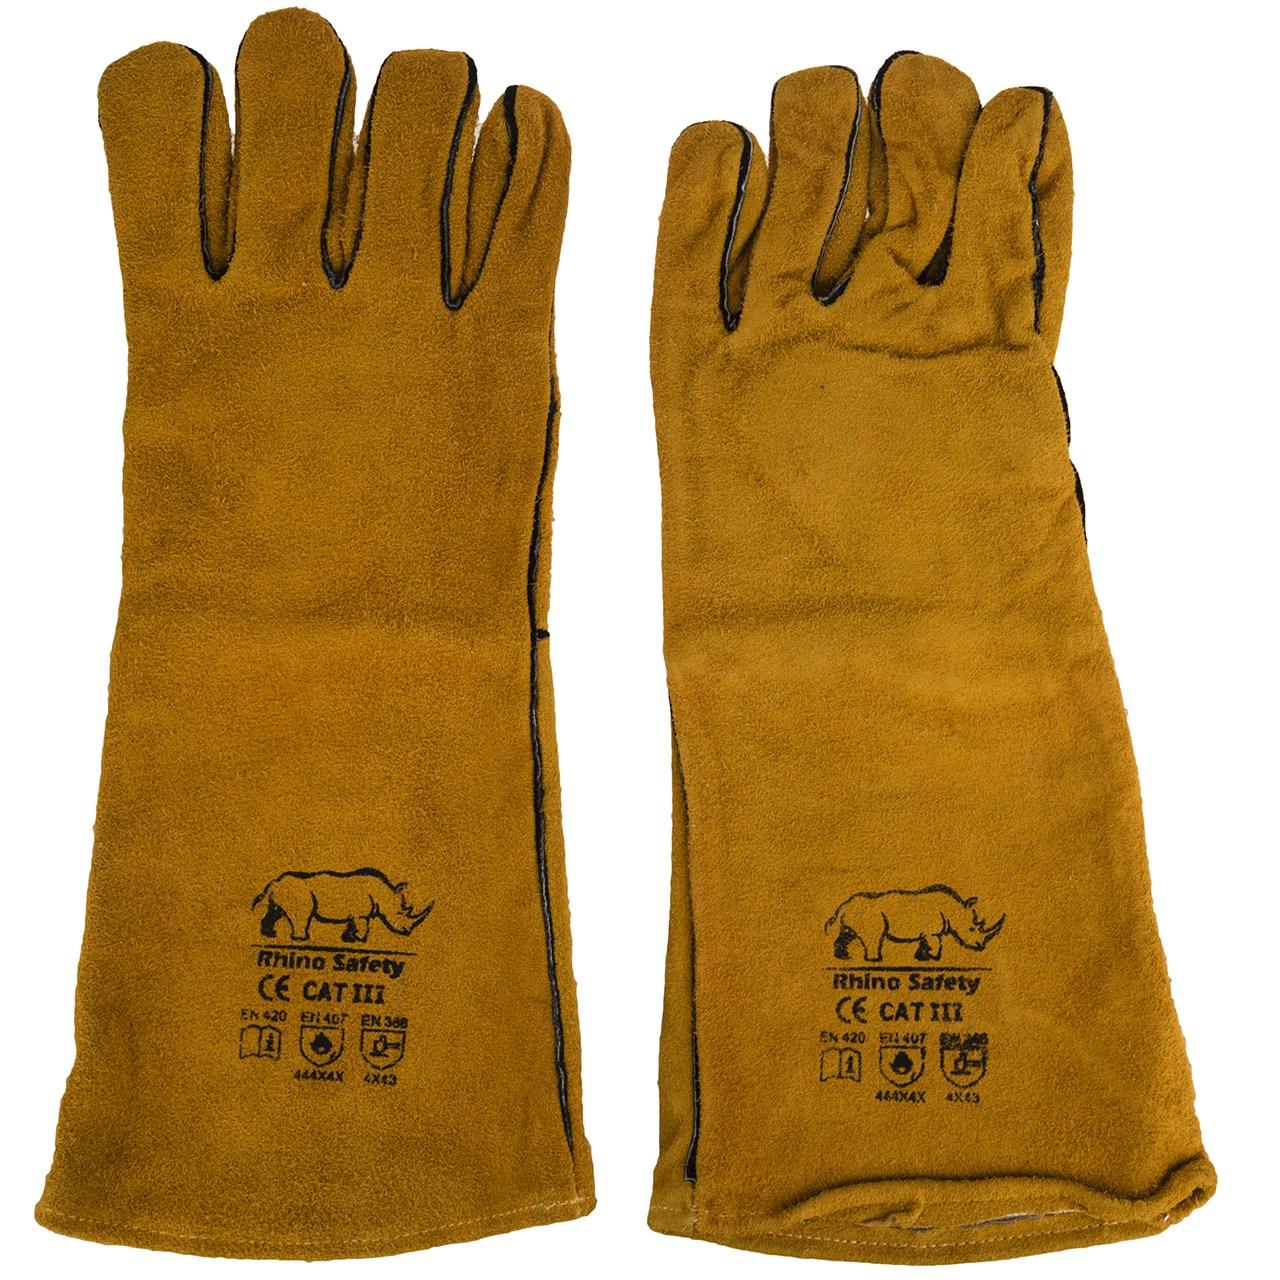 دستکش ایمنی راینو سیفتی مدل هوبارت بسته 6 جفتی